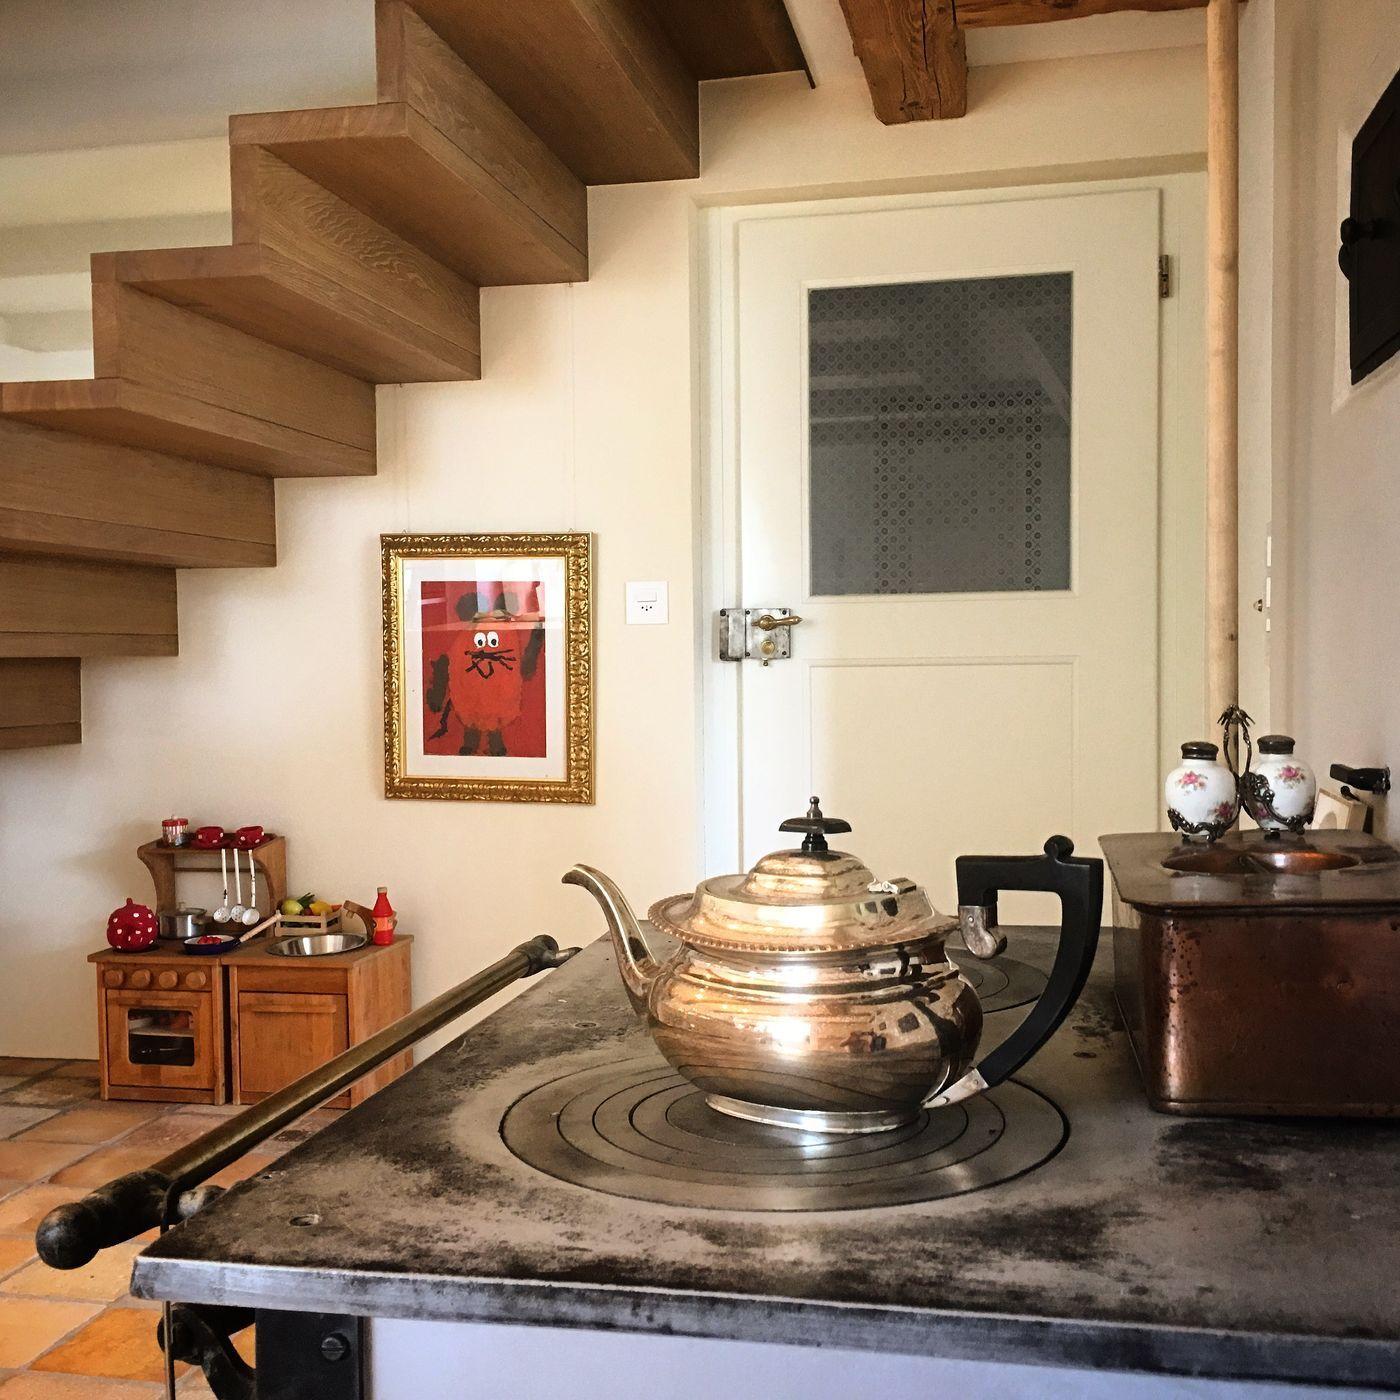 Fantastisch Individuelle Küchen Zeigen Angenehm Nj Bilder - Küche ...